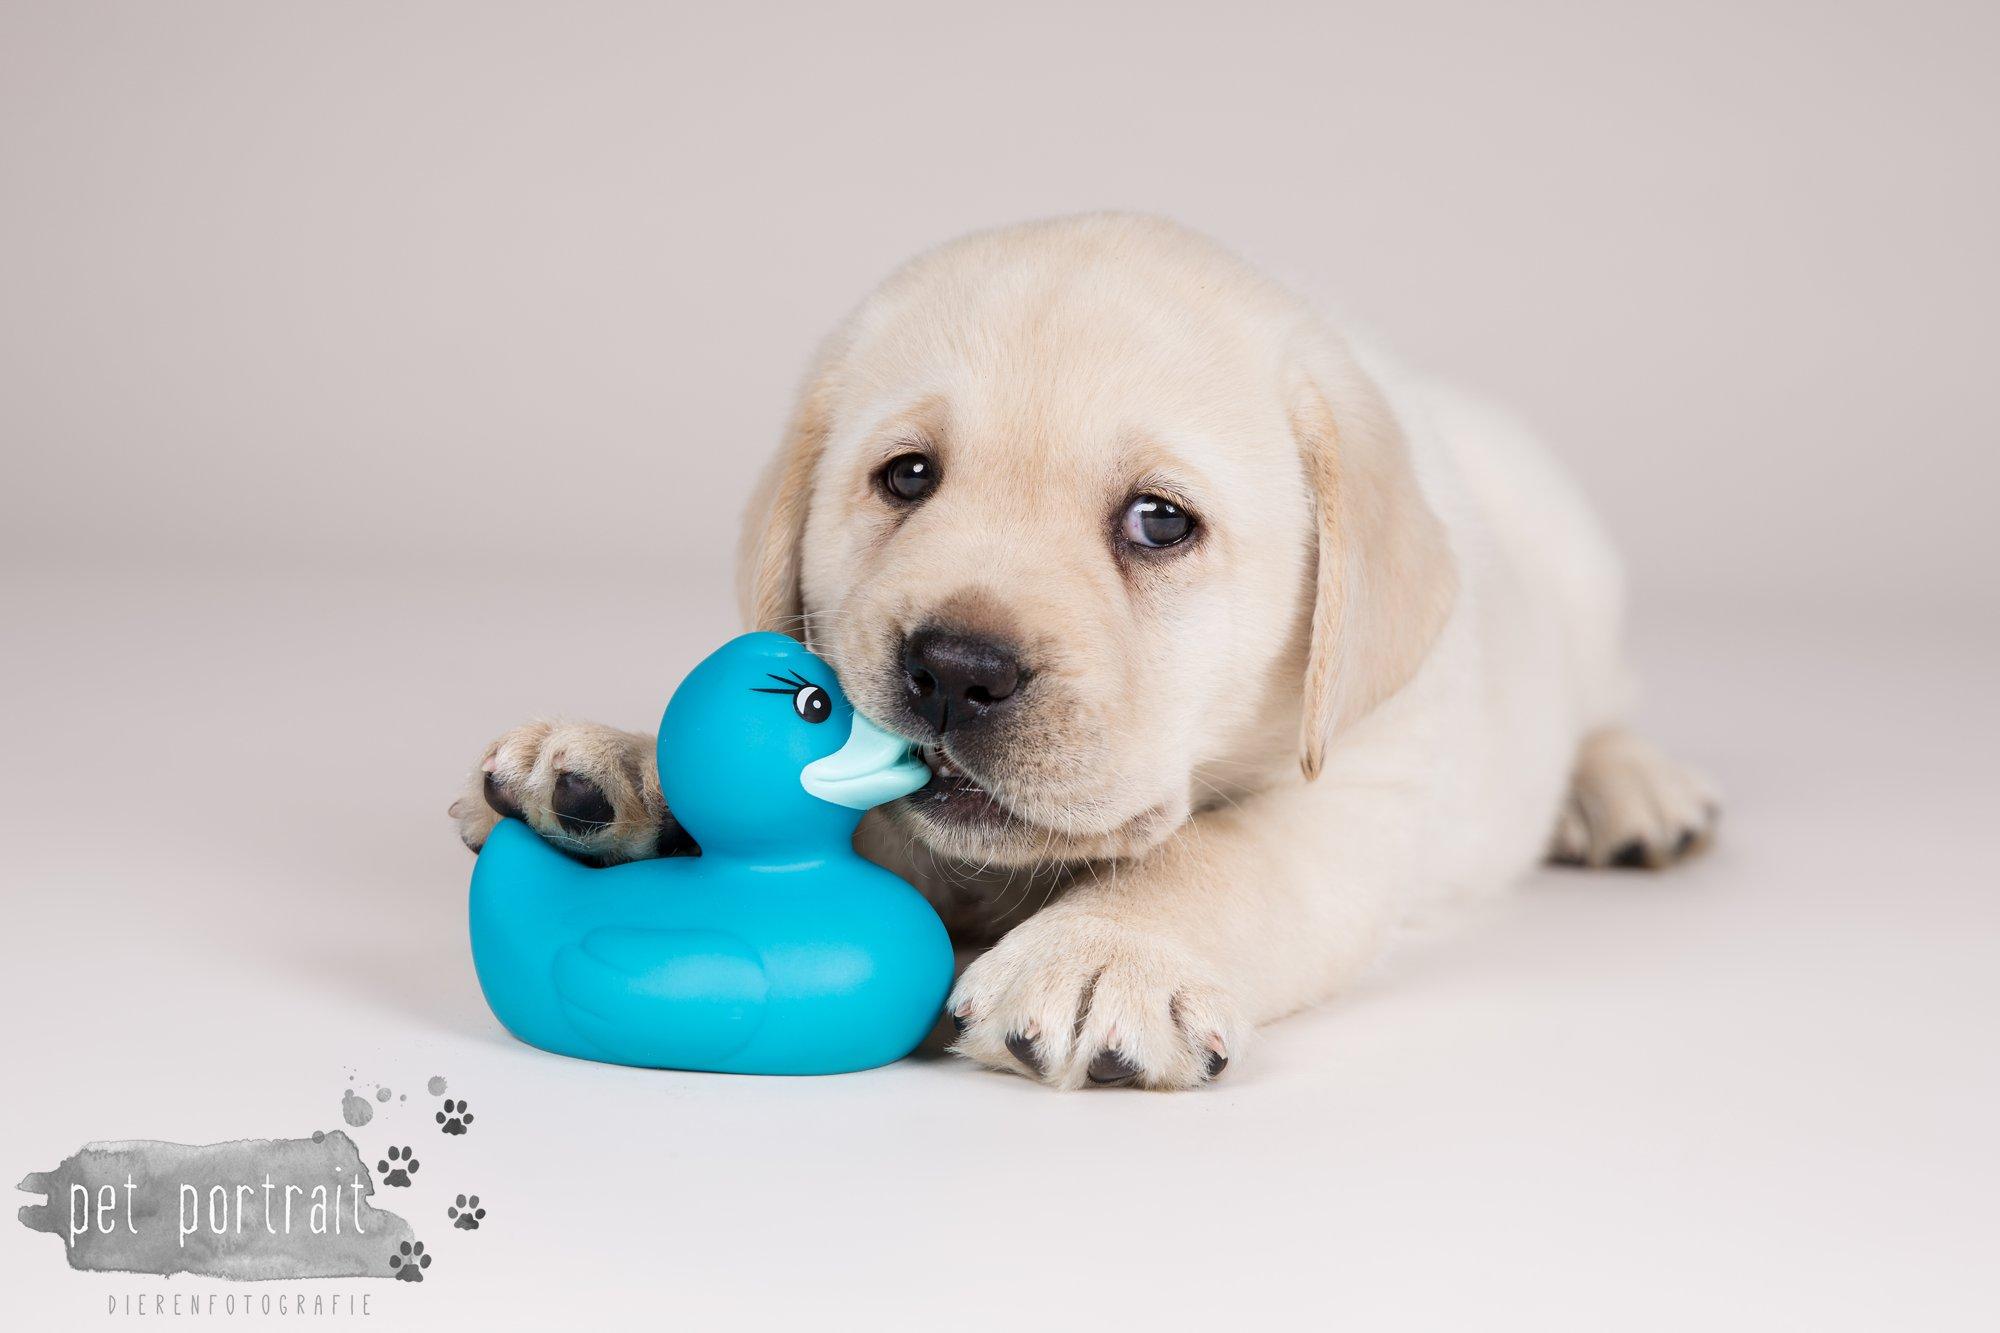 Hondenfotograaf Hillegom - Nestfotoshoot voor Labrador pups-12